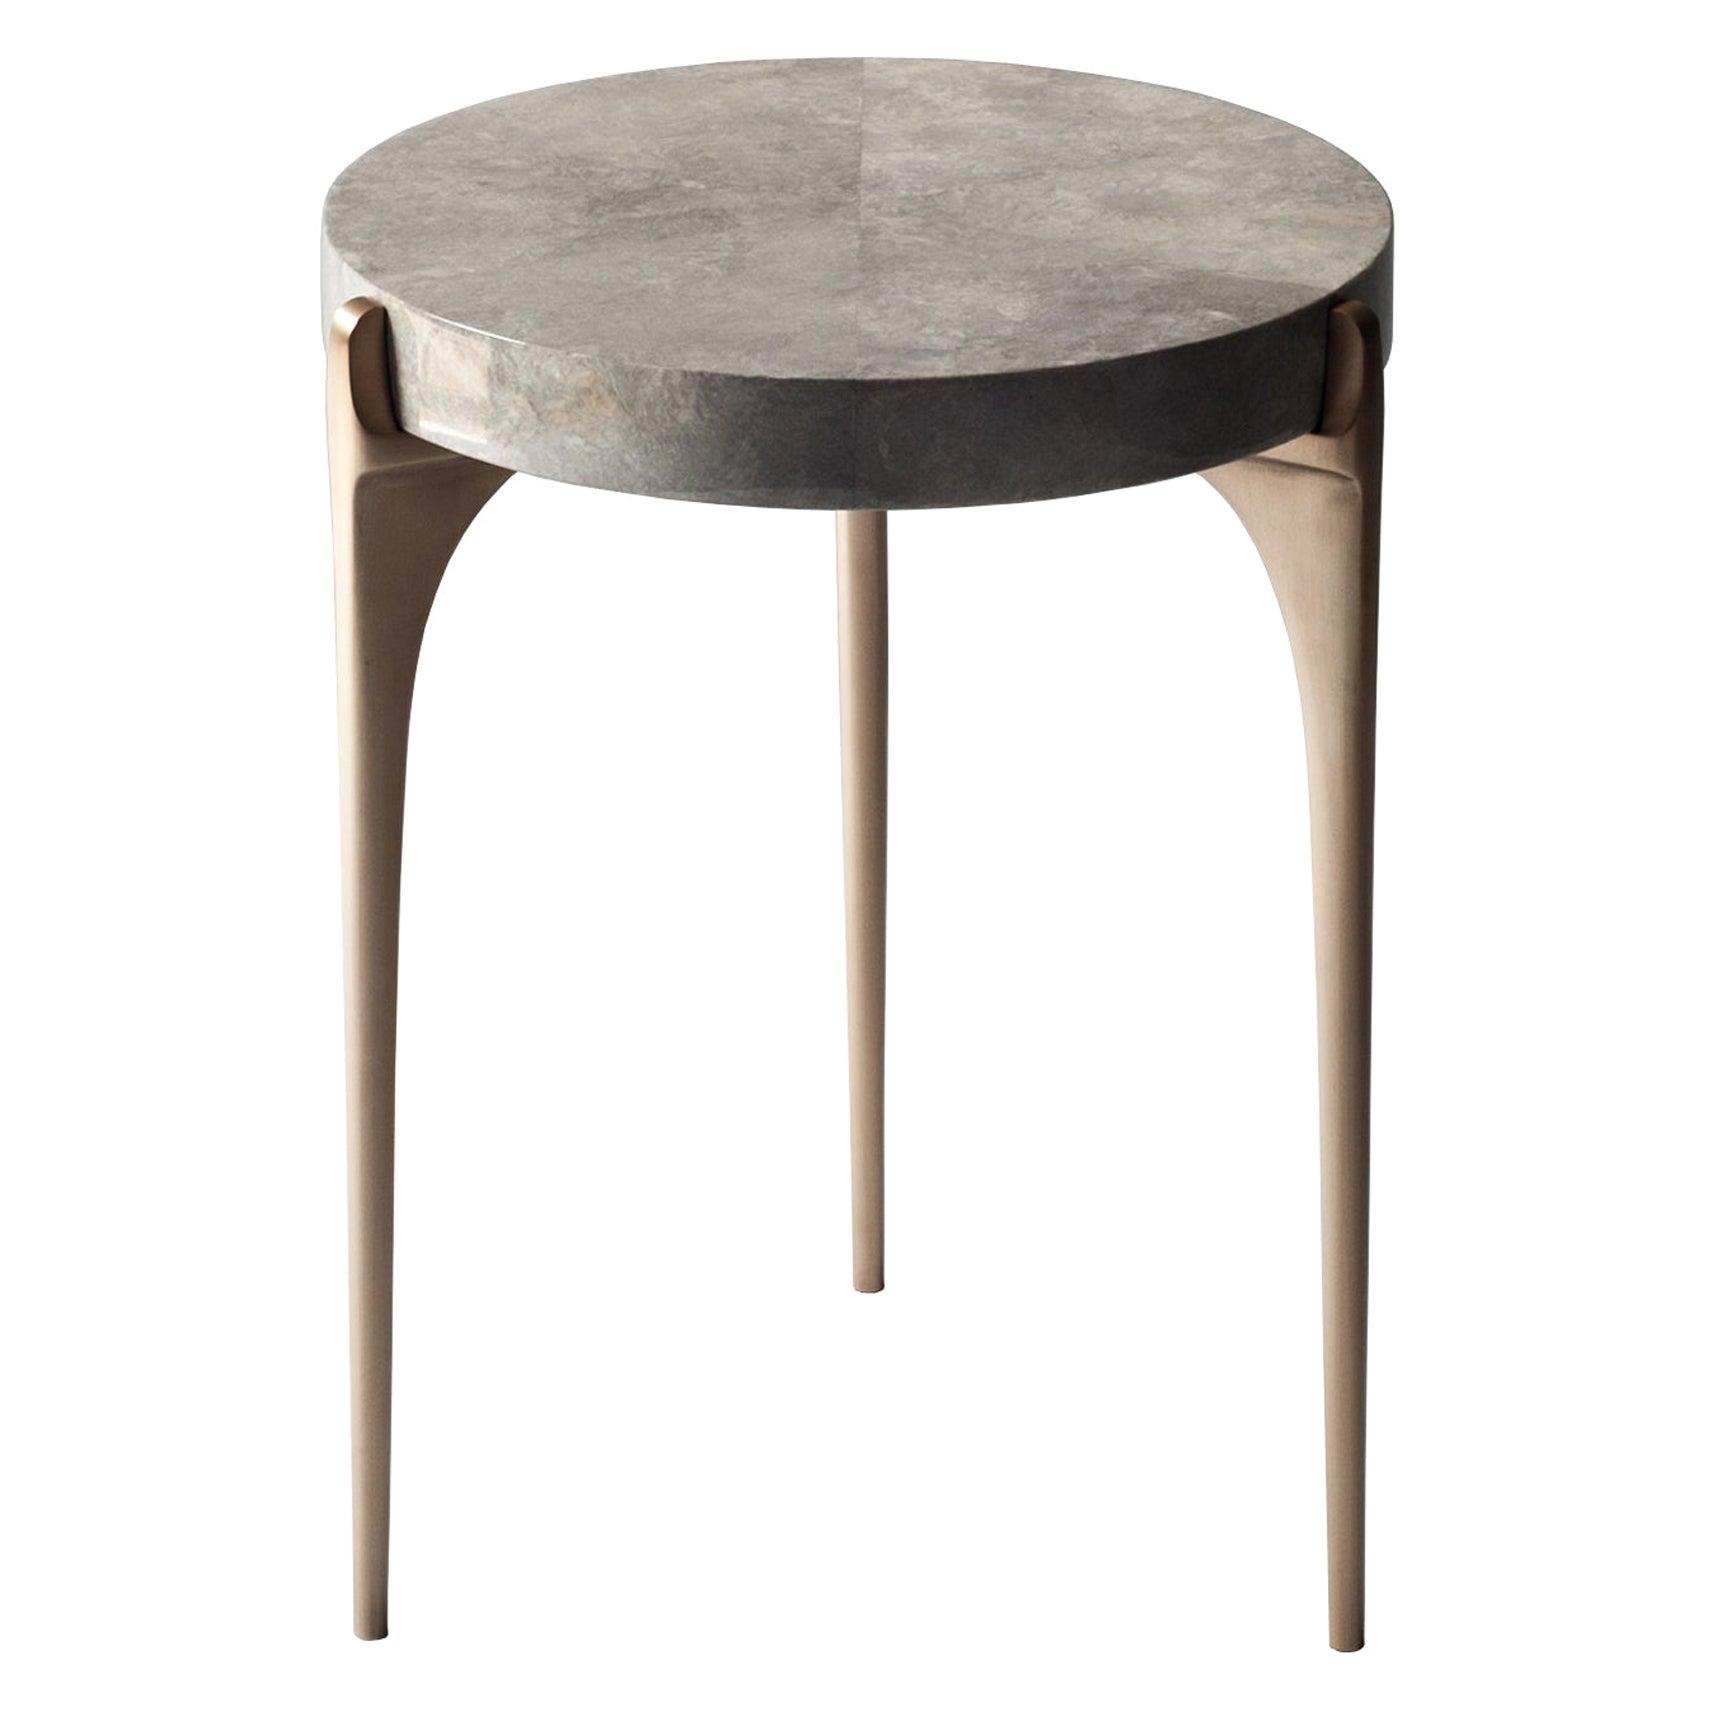 Acantha Side Table by DeMuro Das